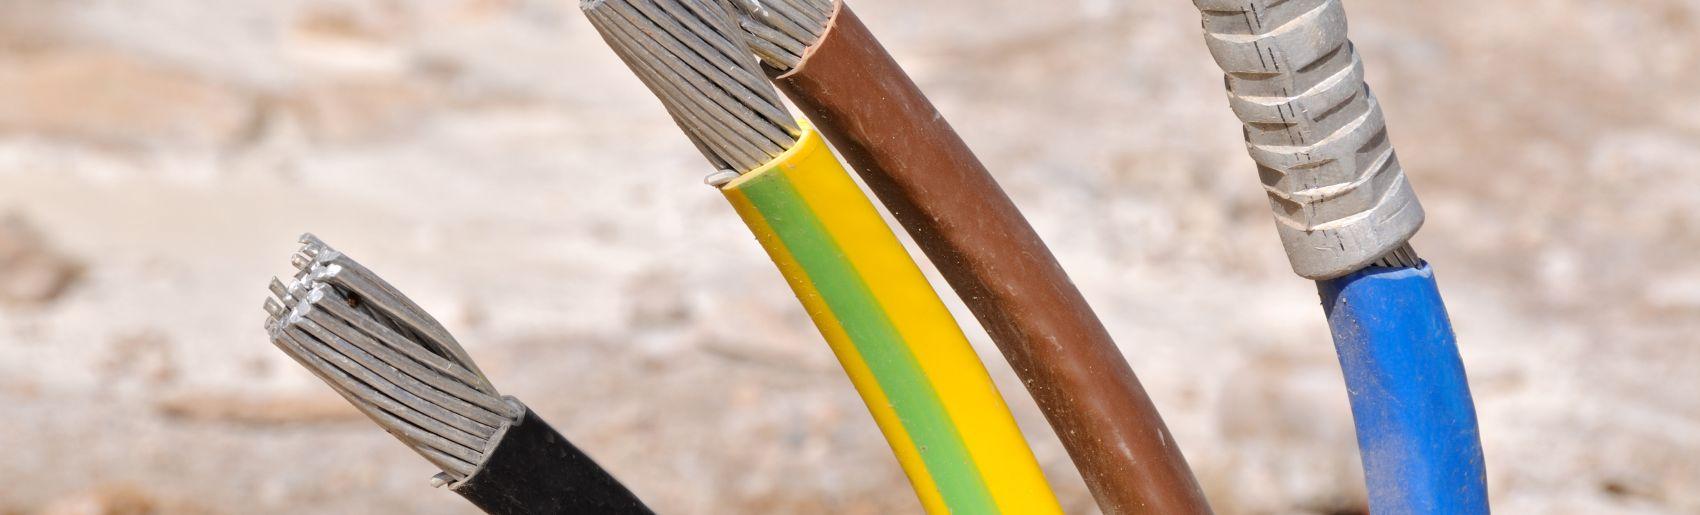 albuquerque aluminum wiring